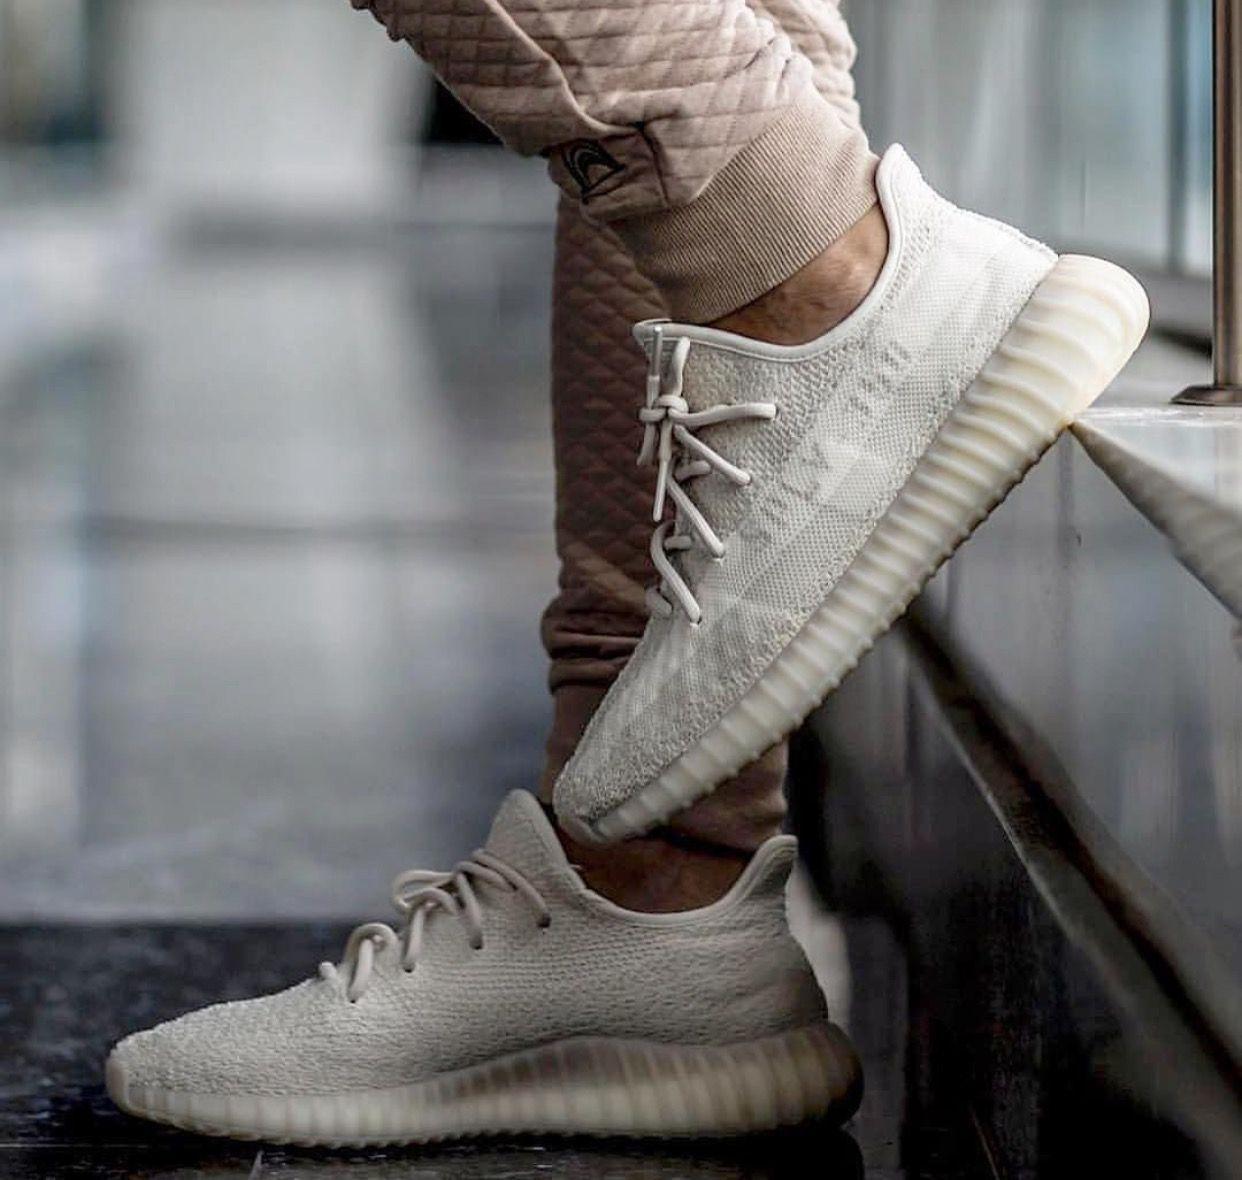 adidas yeezy boost 350 v2 29